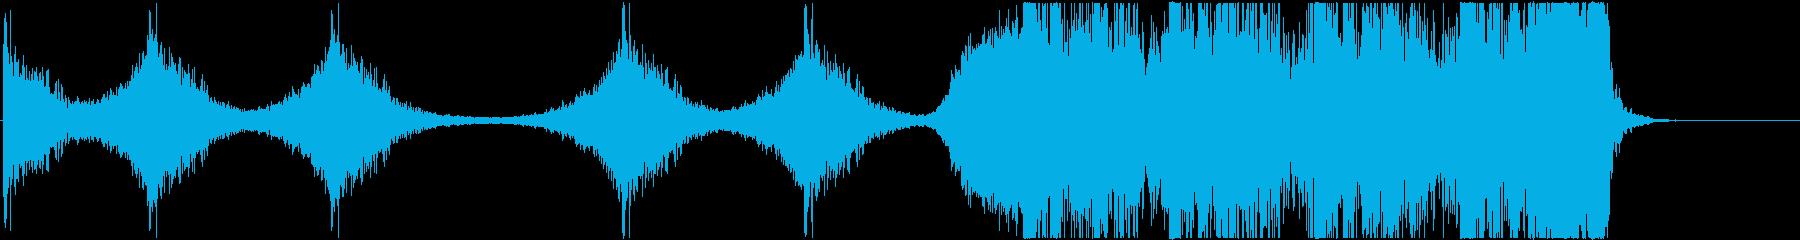 宇宙系トレーラーの再生済みの波形